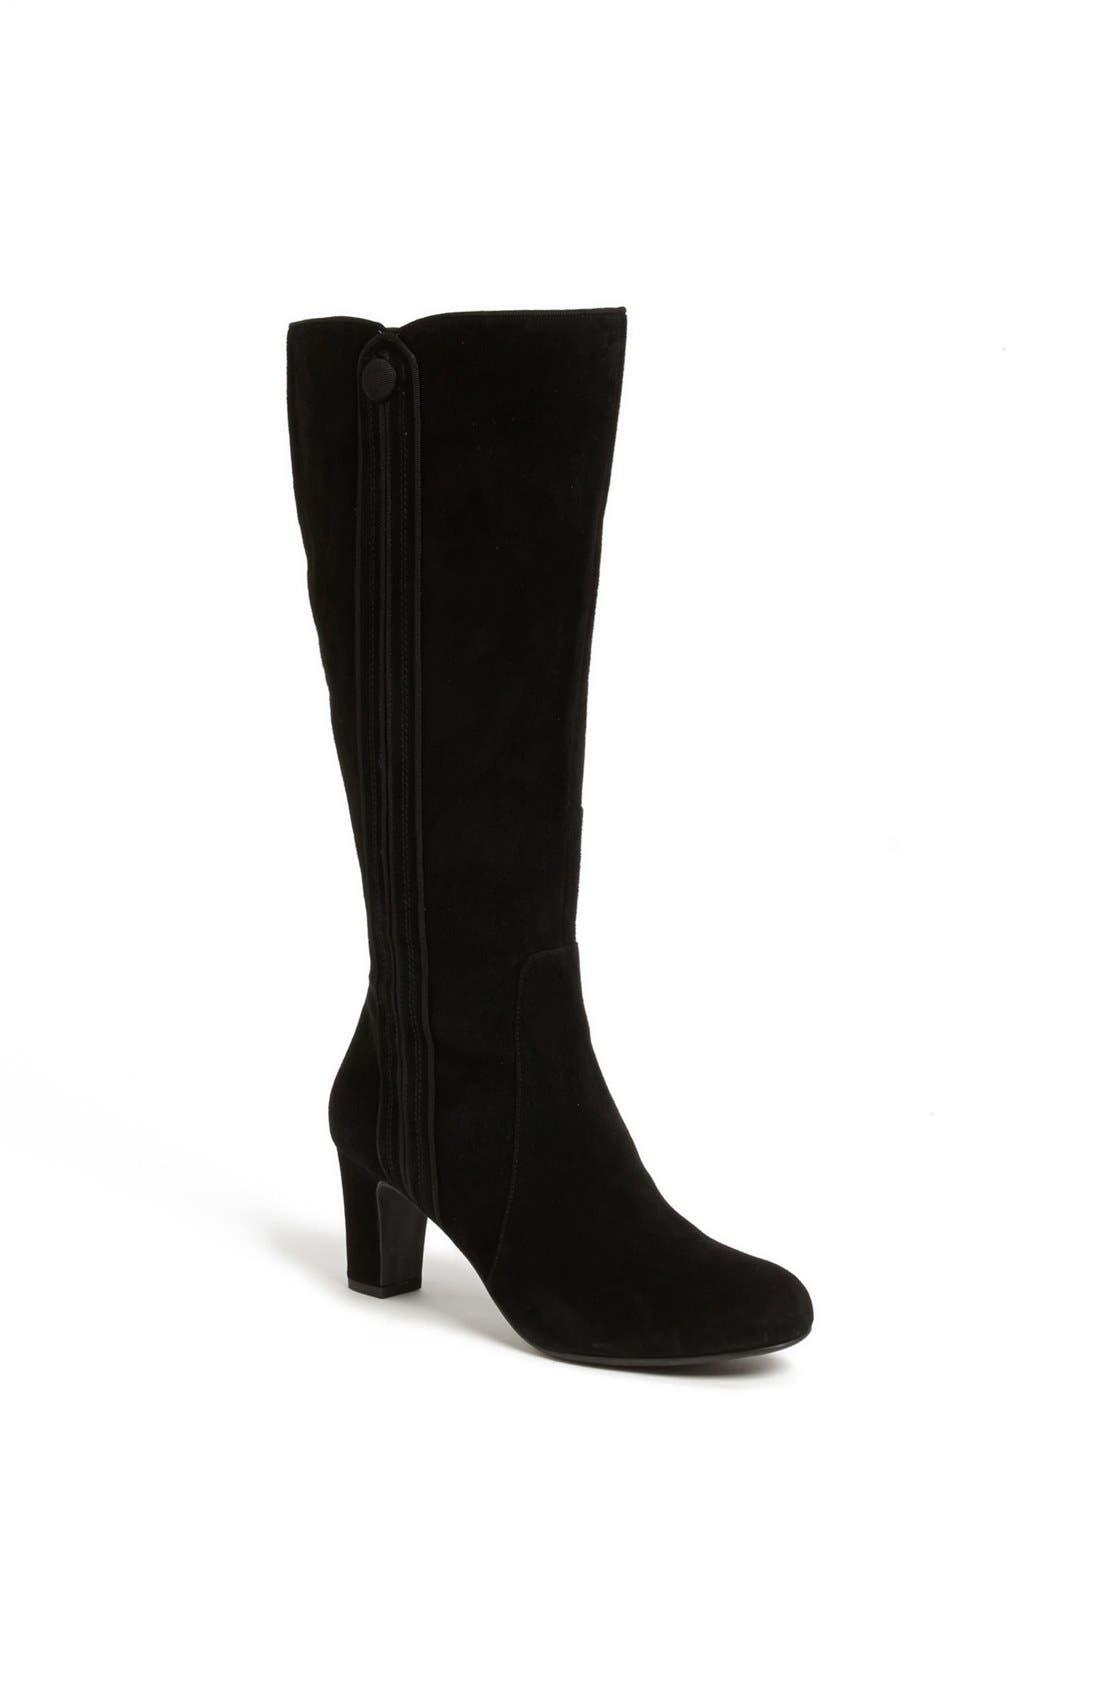 Alternate Image 1 Selected - Clarks® 'Tamryn Leaf' Boot